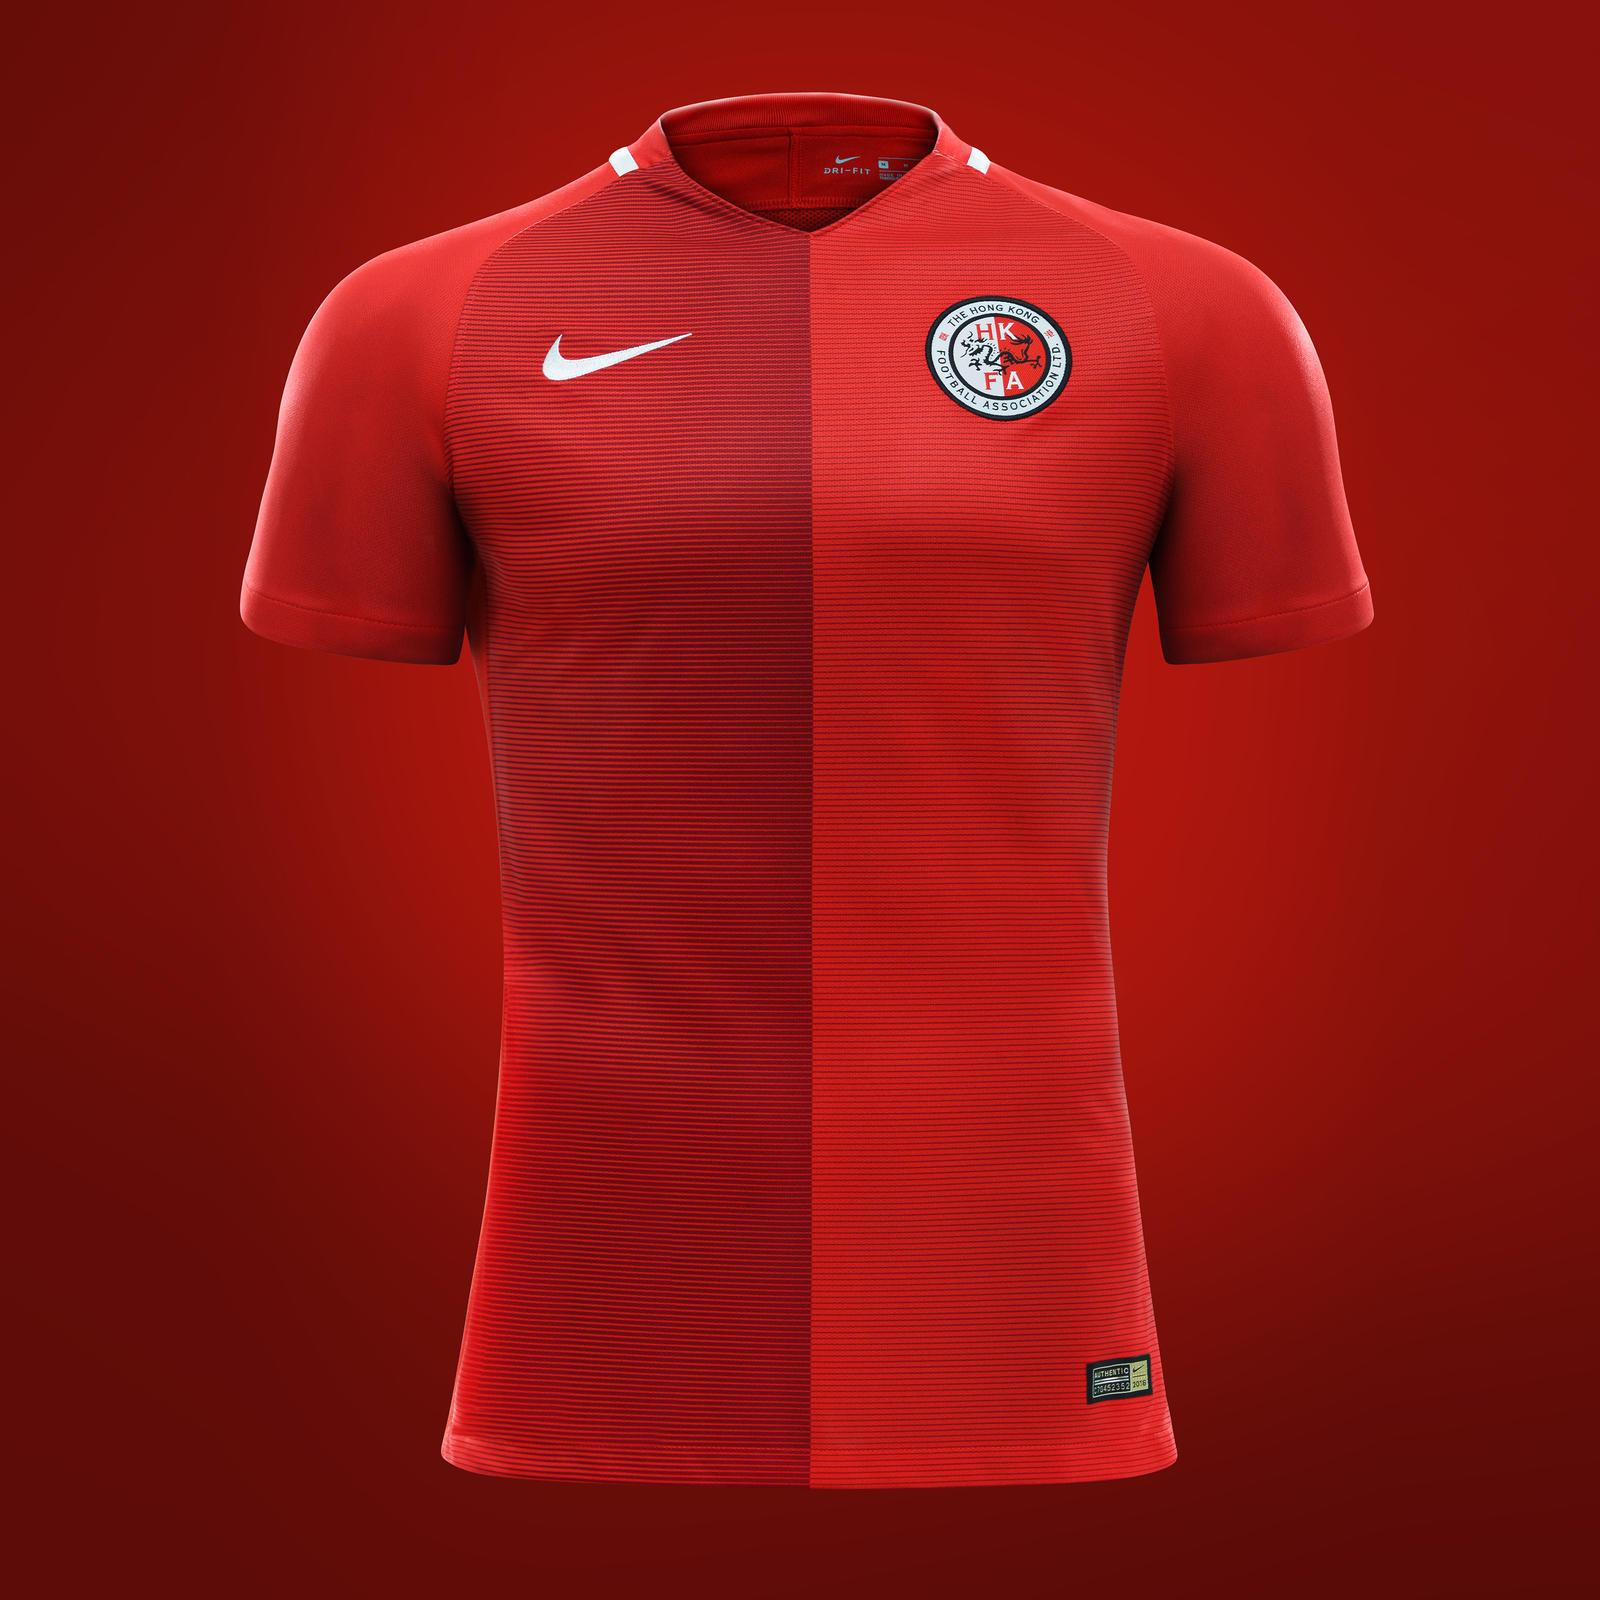 2016 Hong Kong National Team Kits Nike News